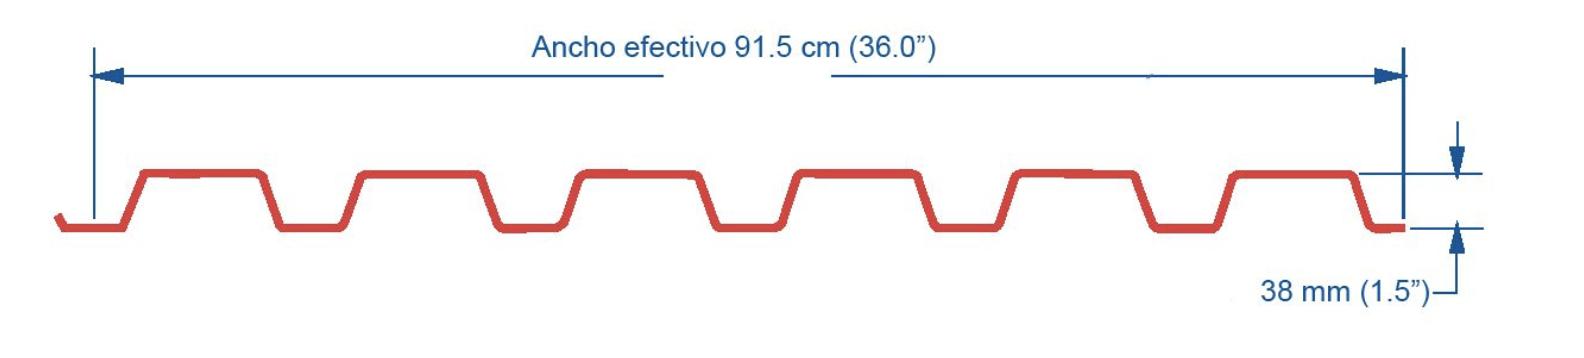 Medidas de la lámina RD91.5